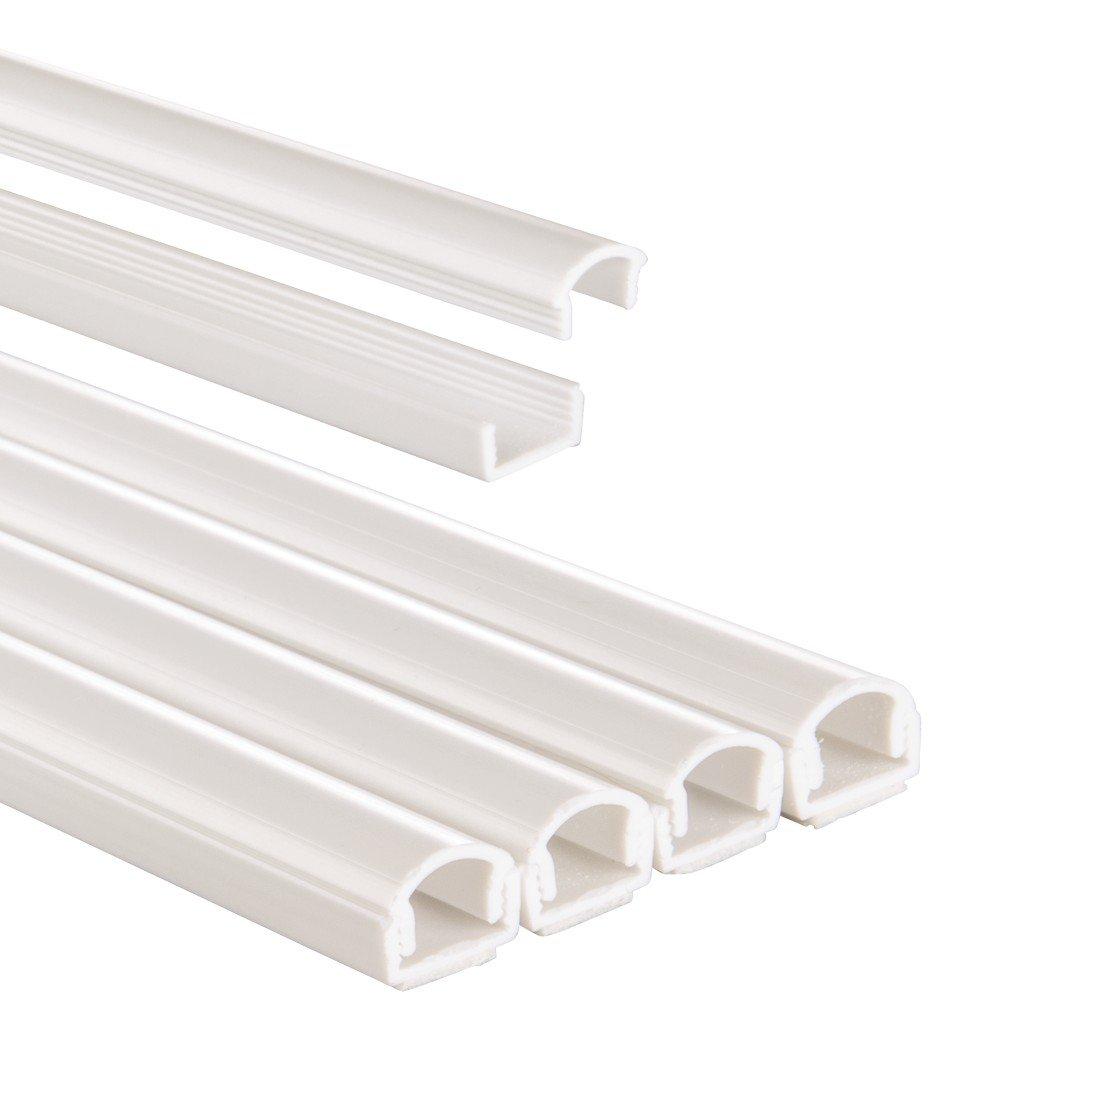 Kabelkanal Kunststoff Weiß HP77 – Hitoiro